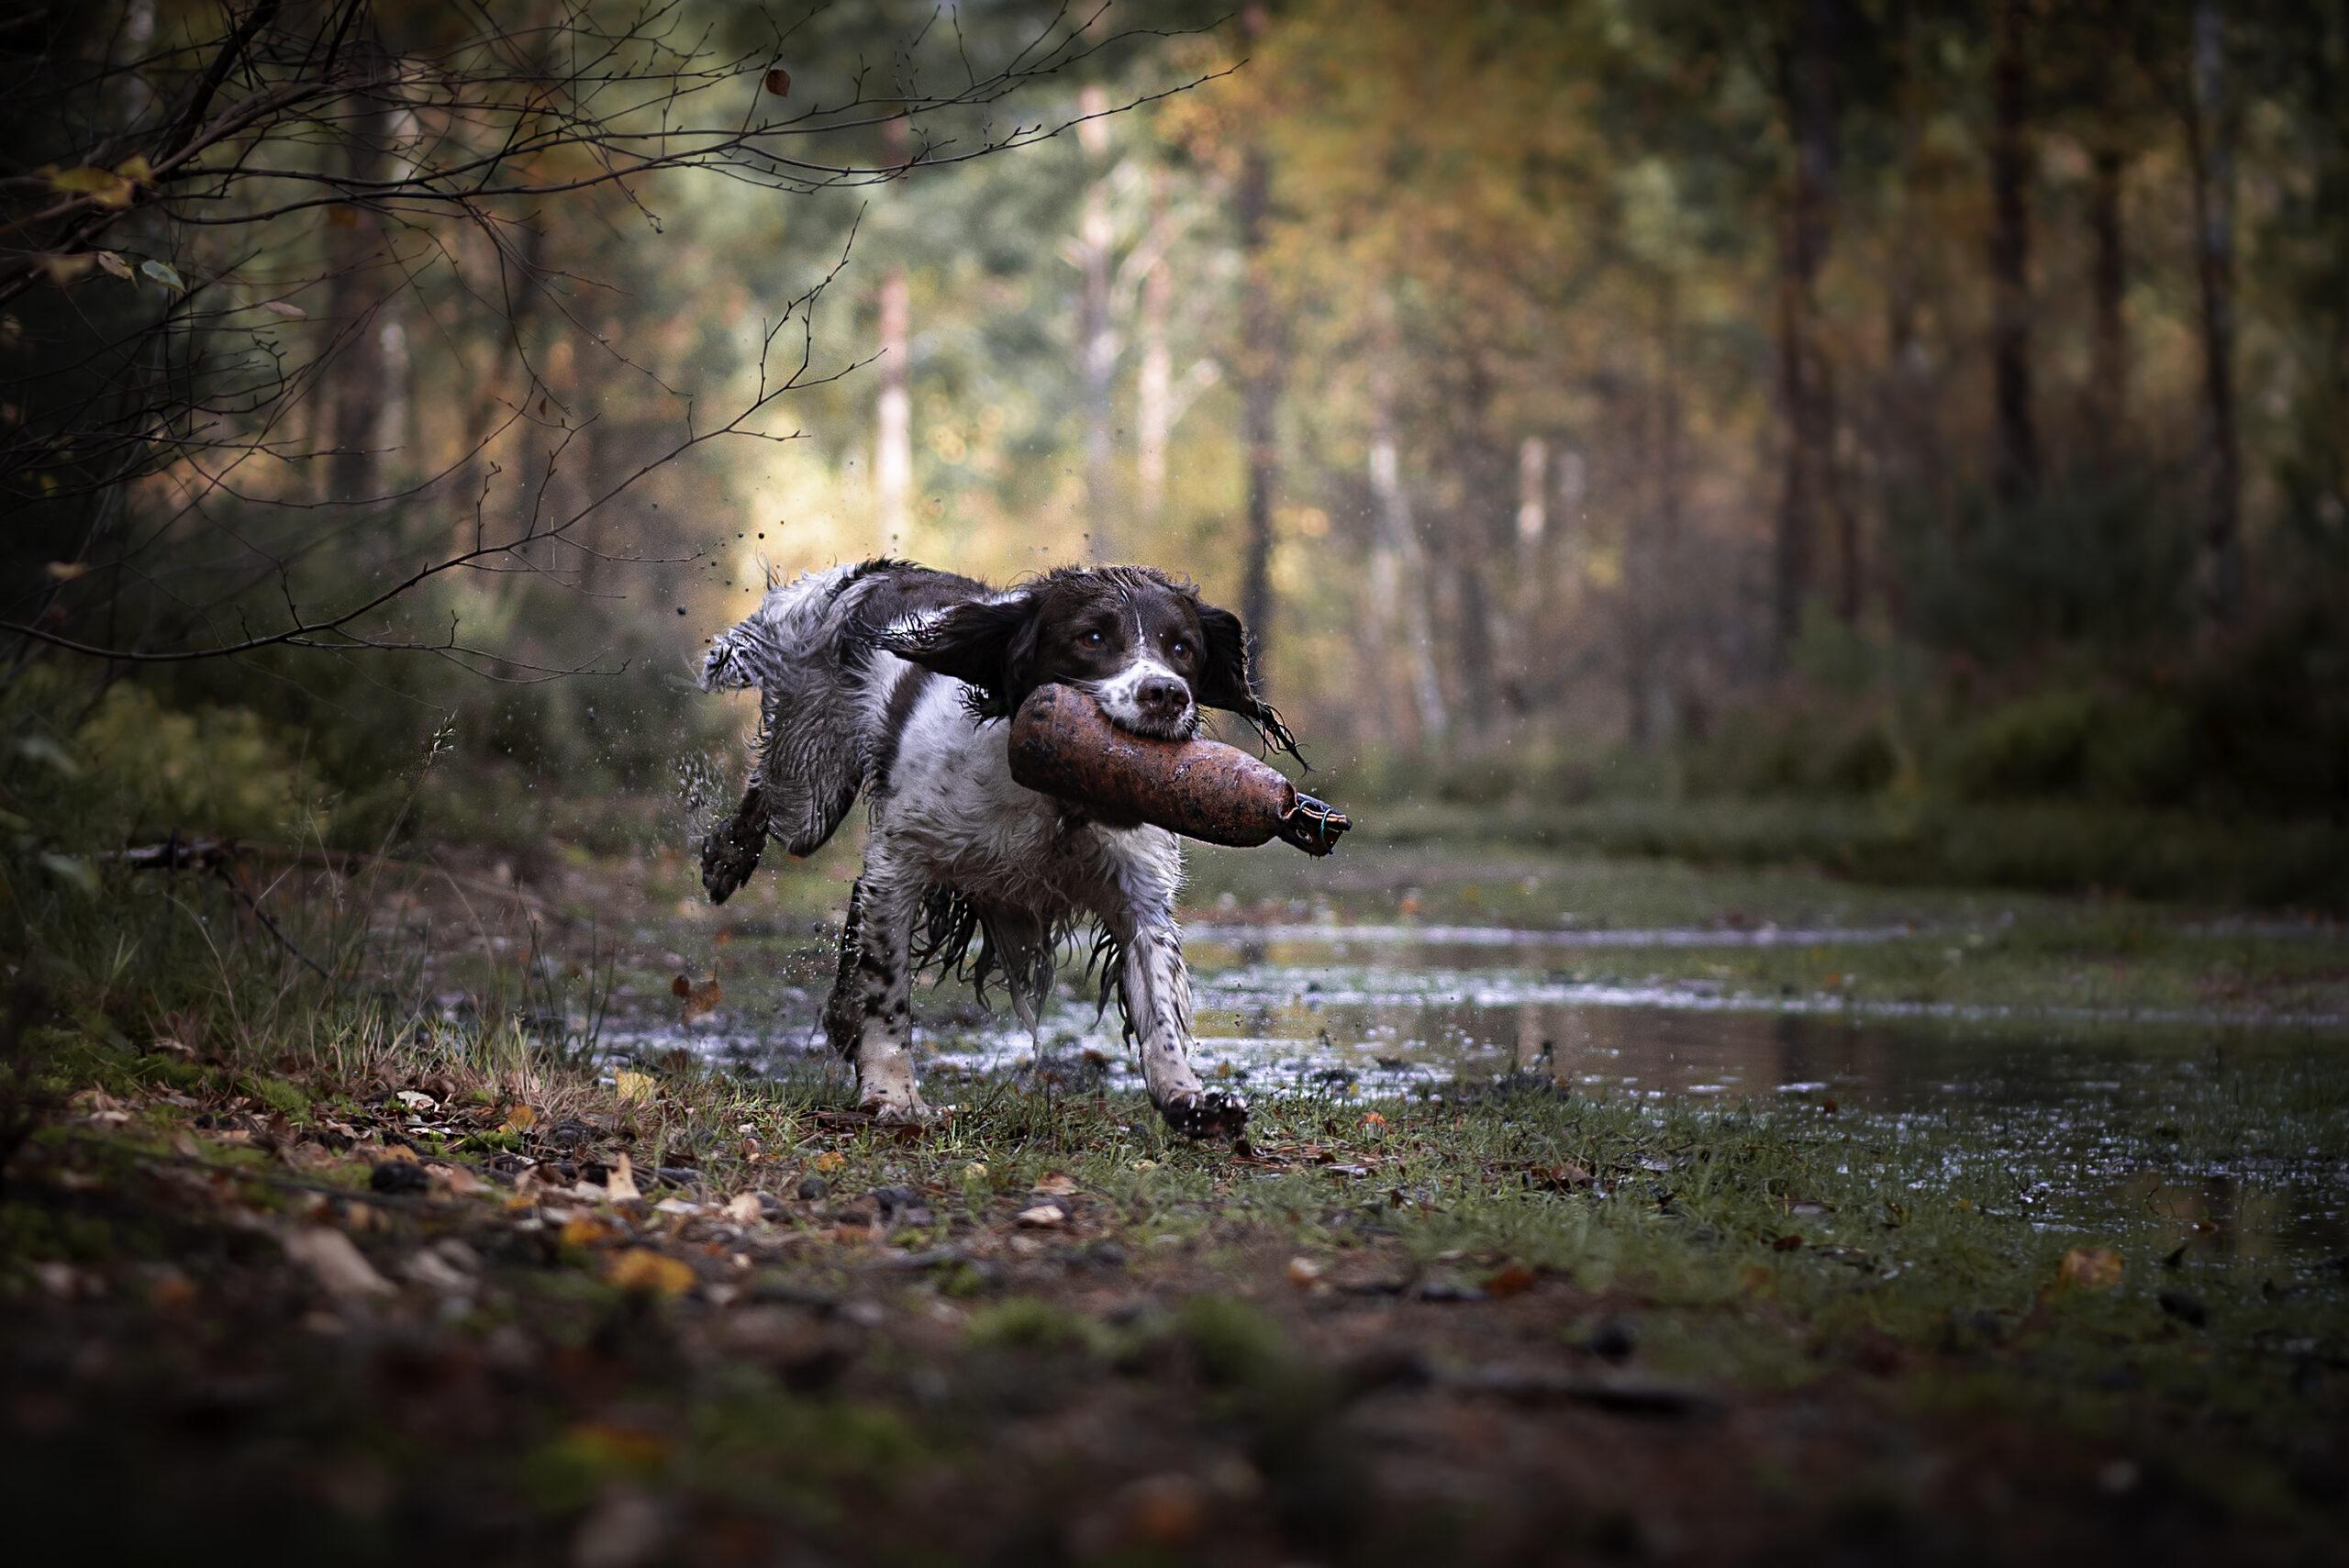 dog photography, pet photoshoot, dog photographer